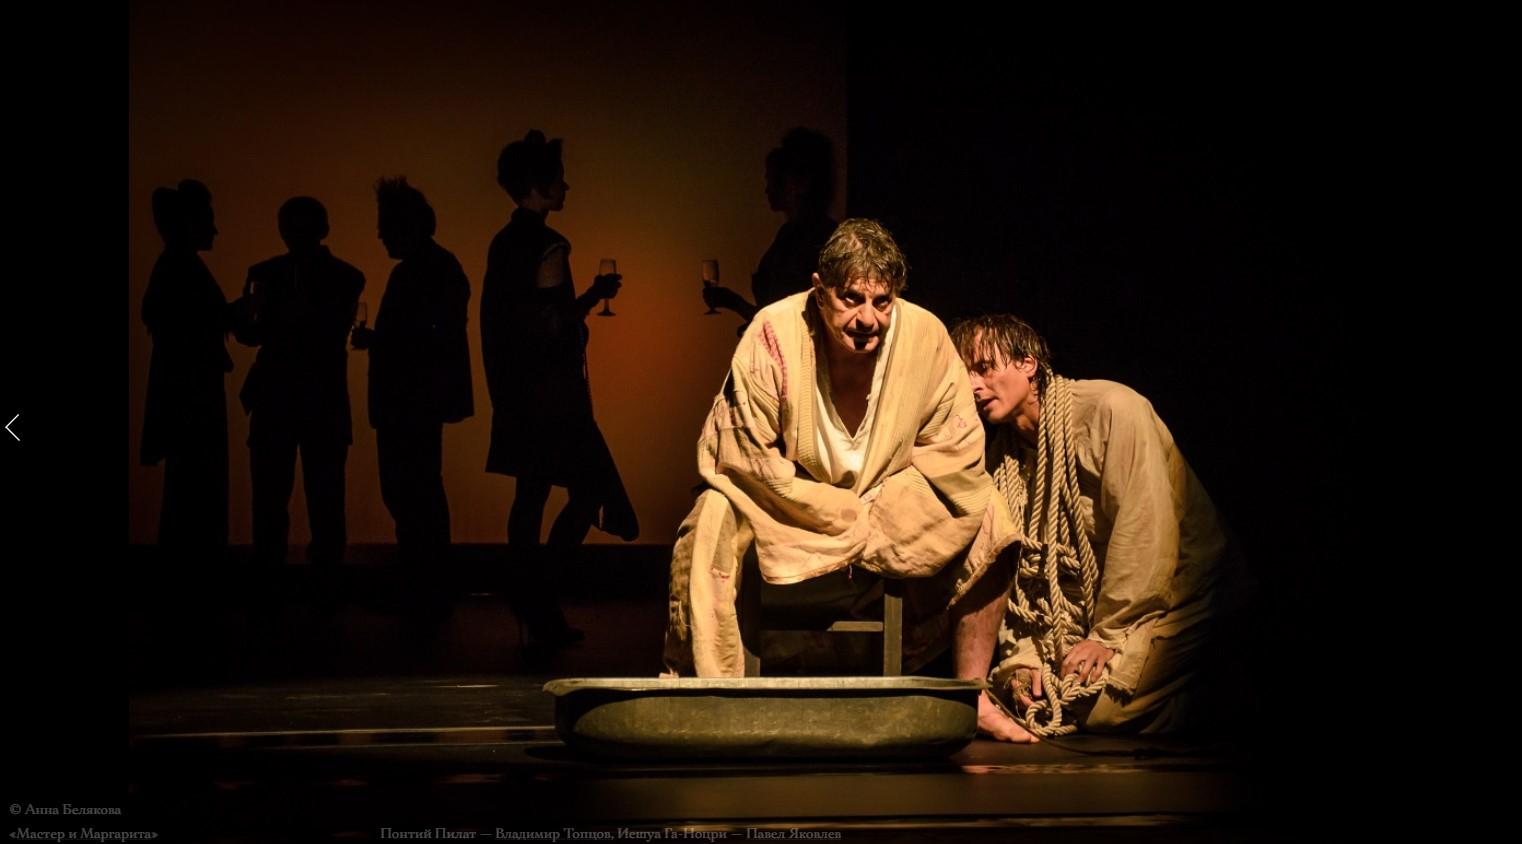 Рецензия на спектакль «Мастер и Маргарита» - конфликт мнений